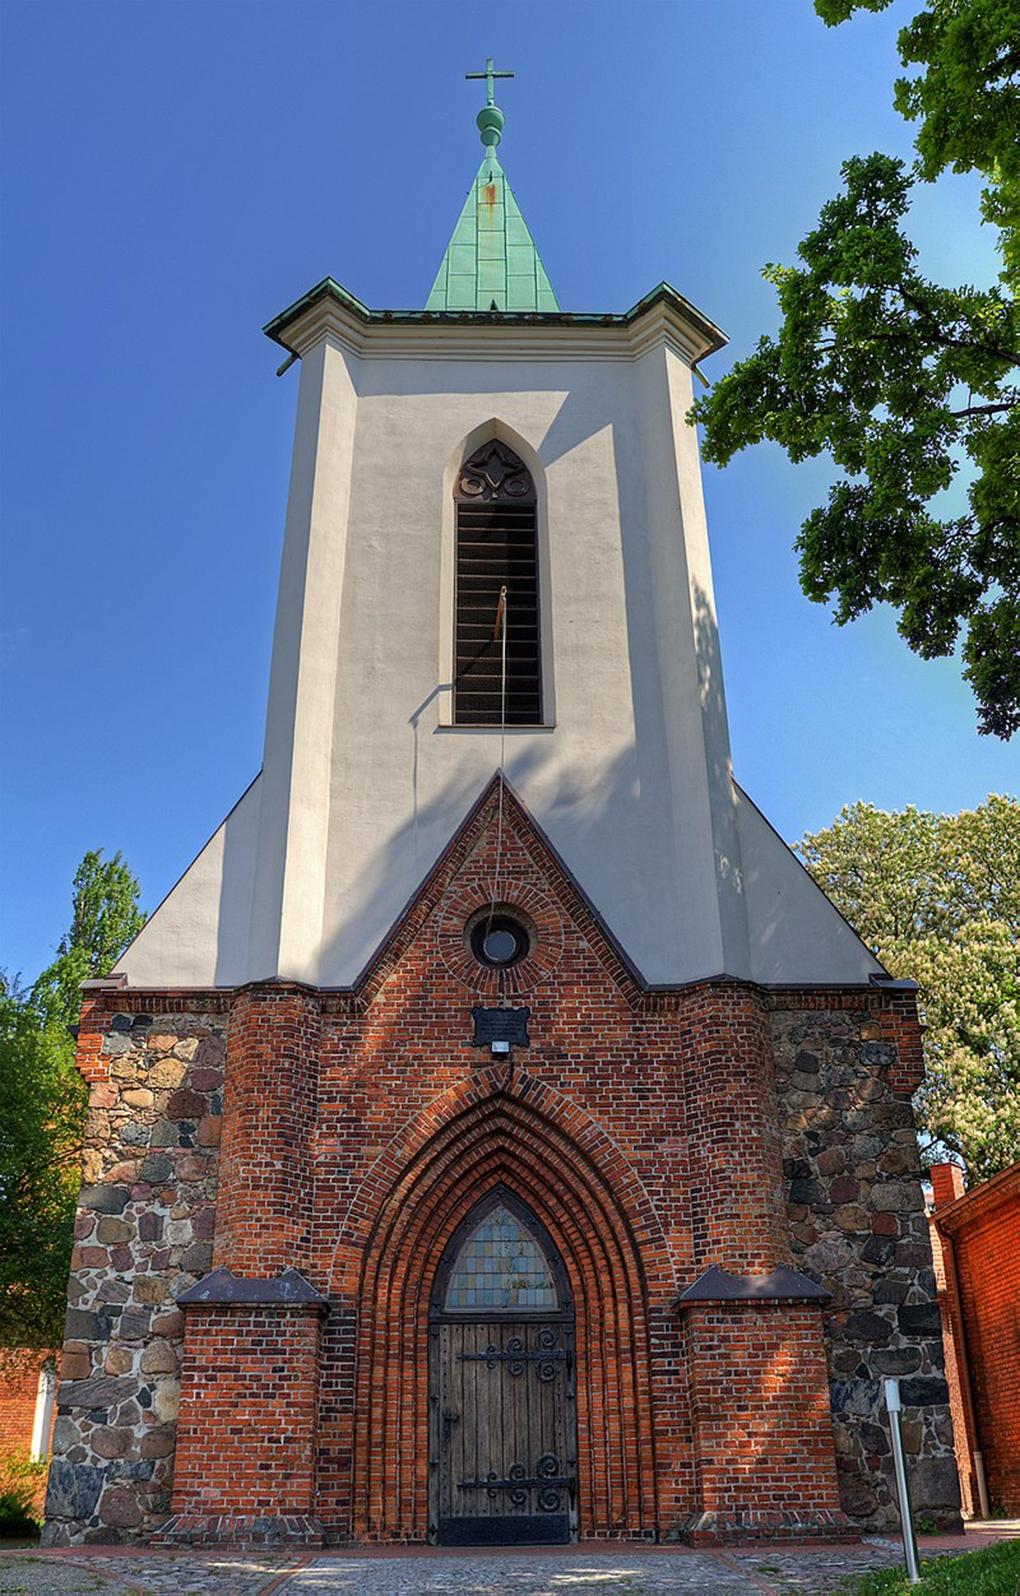 Savin, obecny widok kościoła w Weißensee od zachodu https://de.wikipedia.org/wiki/Berlin-Weißensee (dostęp 10.12.2020)